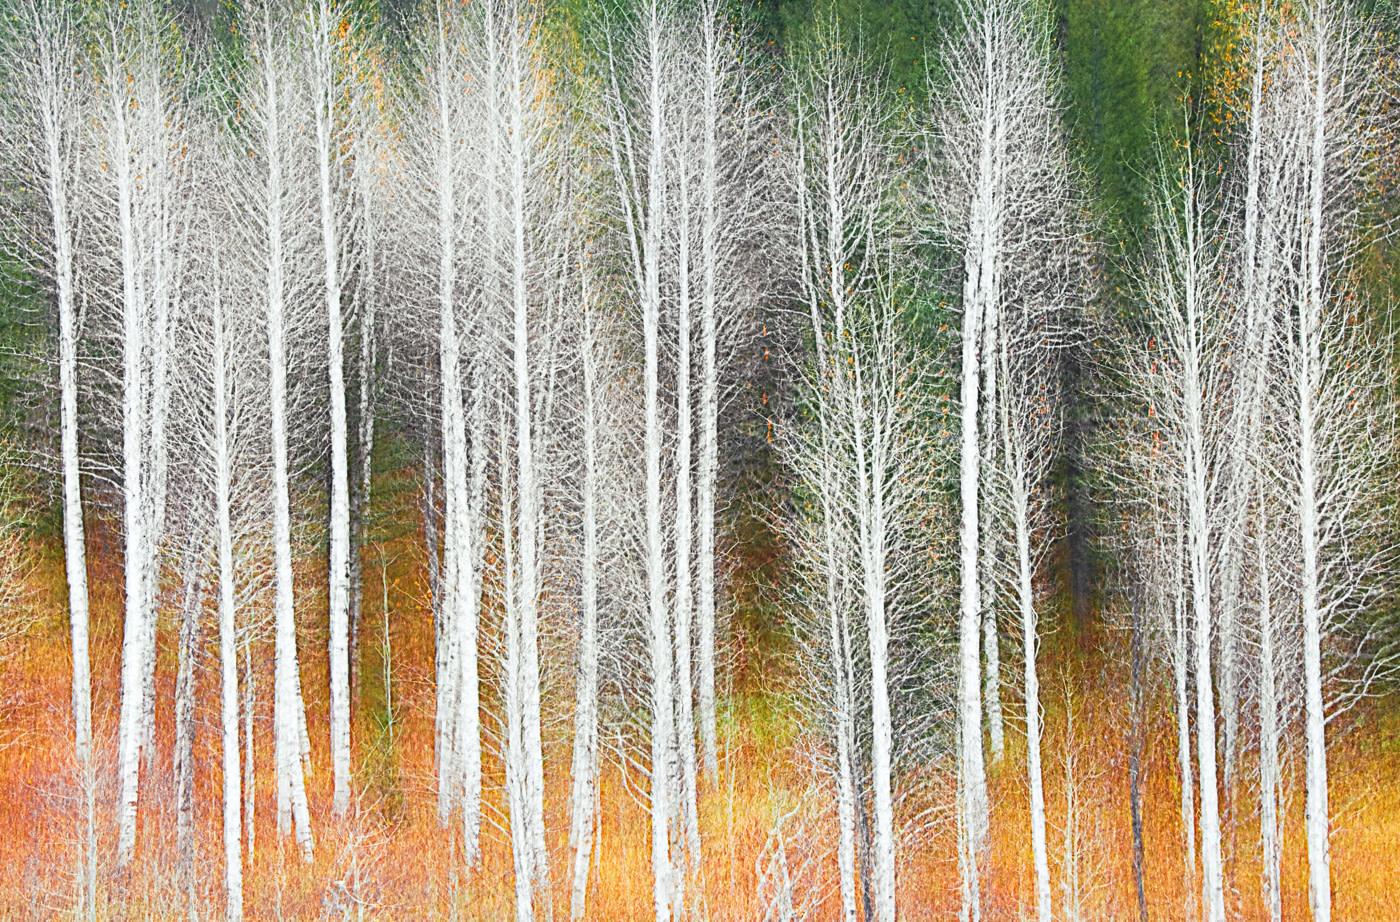 John Juracek Photos - Aspen Trees